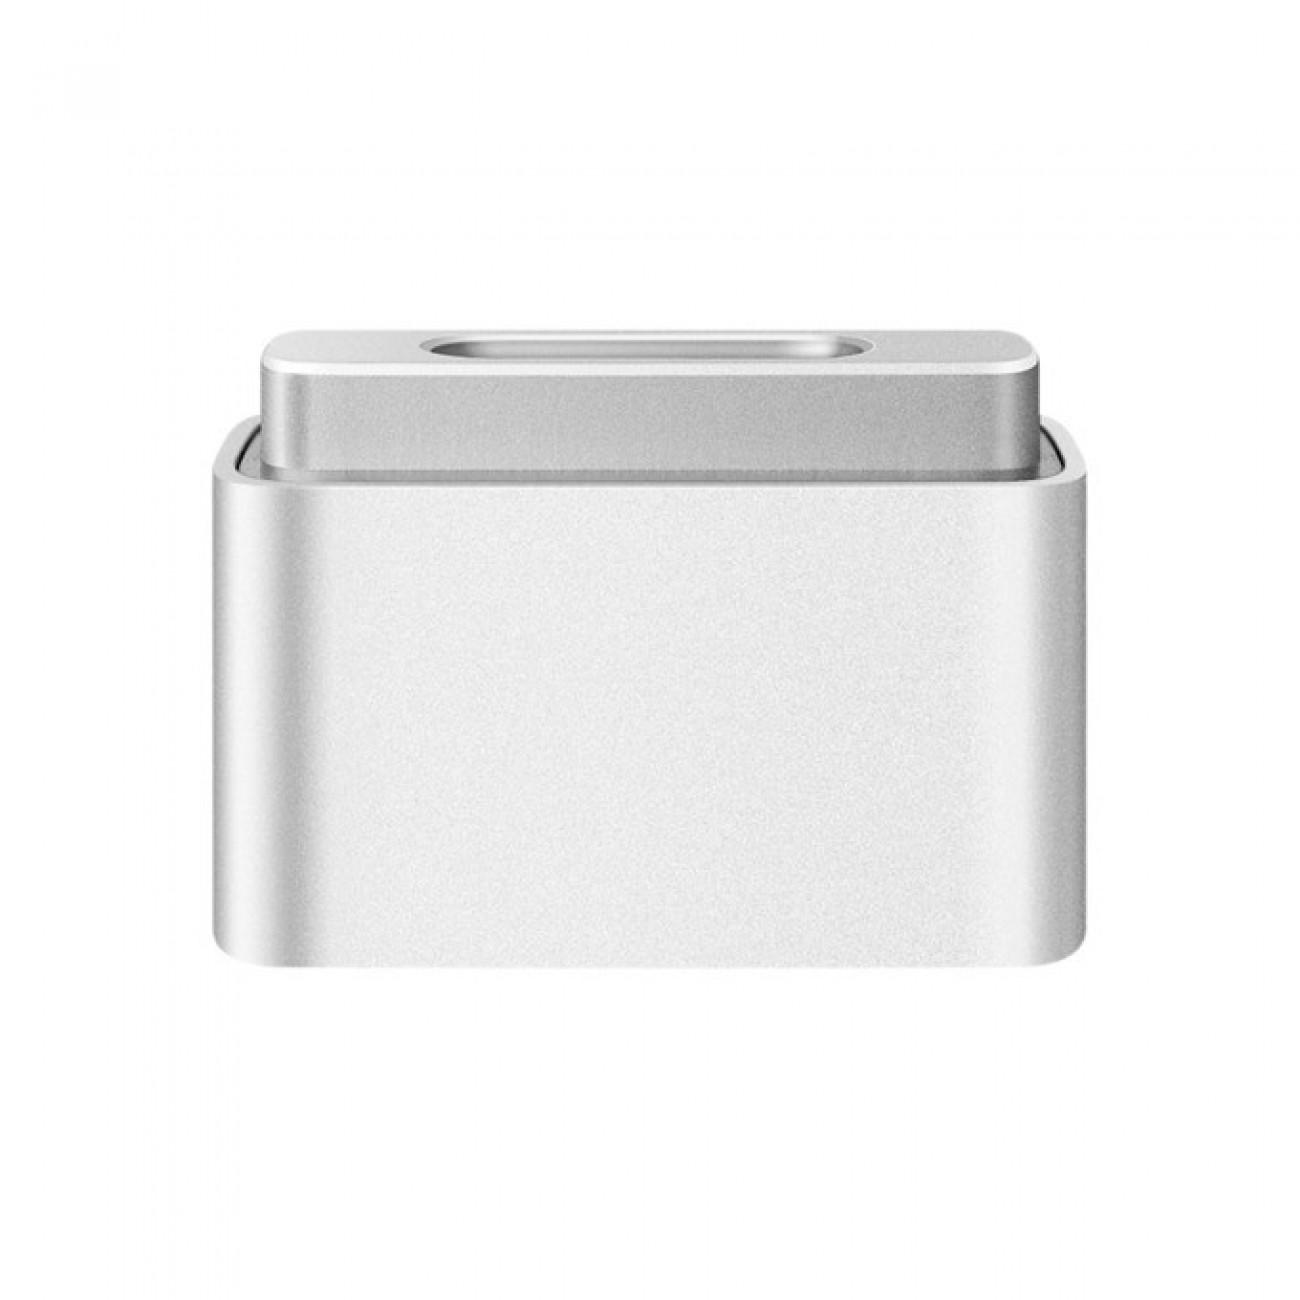 Конвертор Apple MagSafe към MagSafe 2 в Захранвания аксесоари -  | Alleop